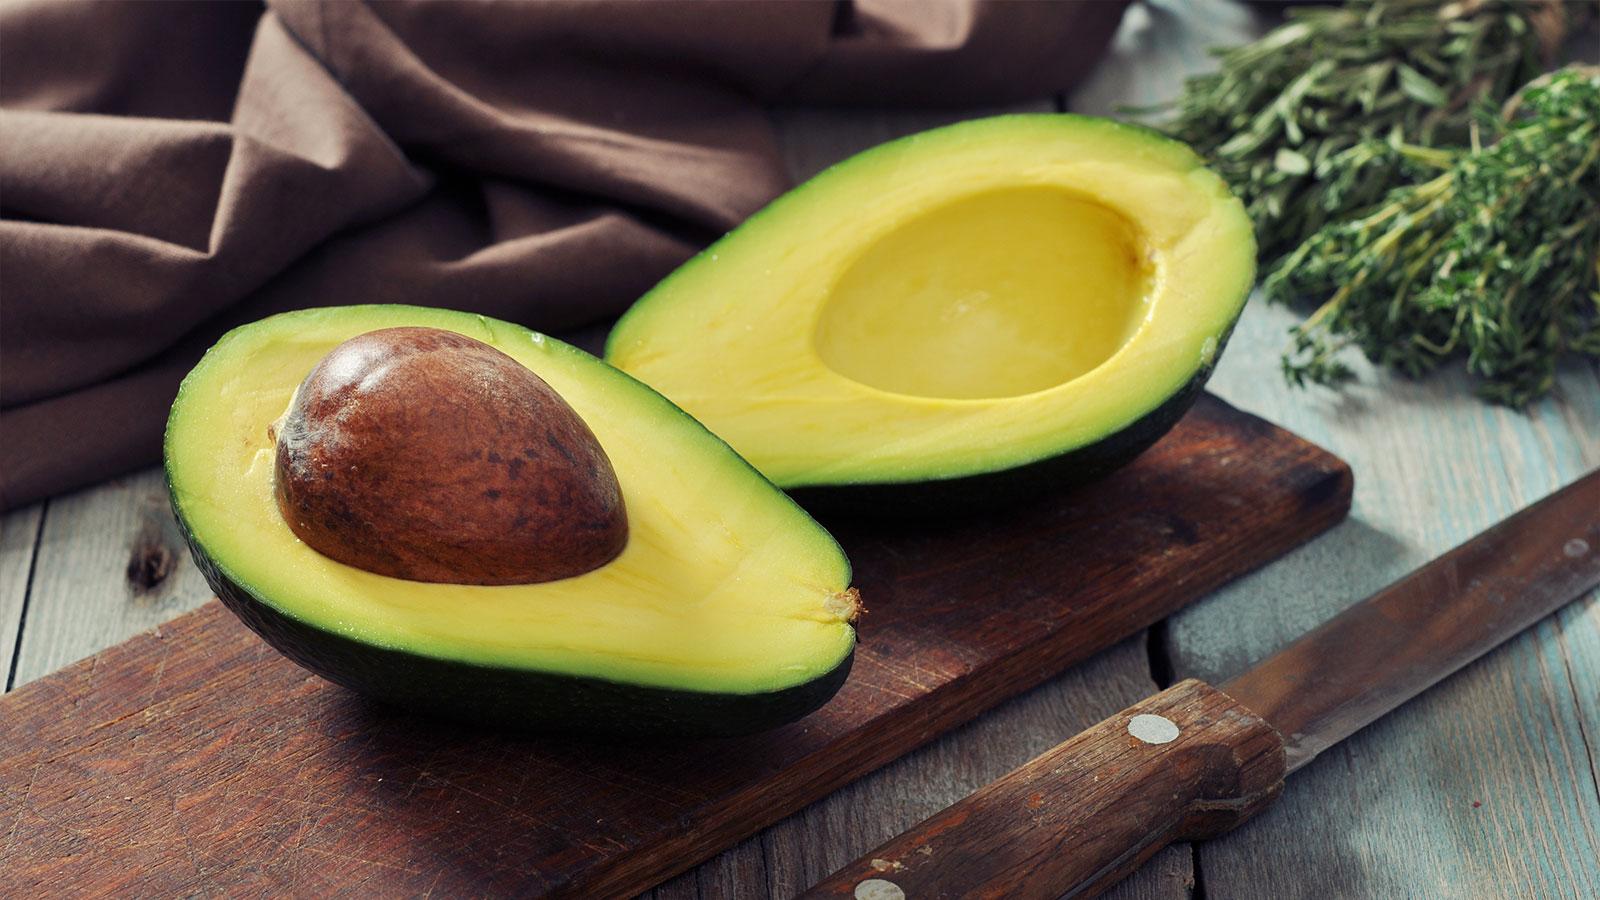 アボカドダイエットの効果って?健康的に痩せる方法をご紹介!